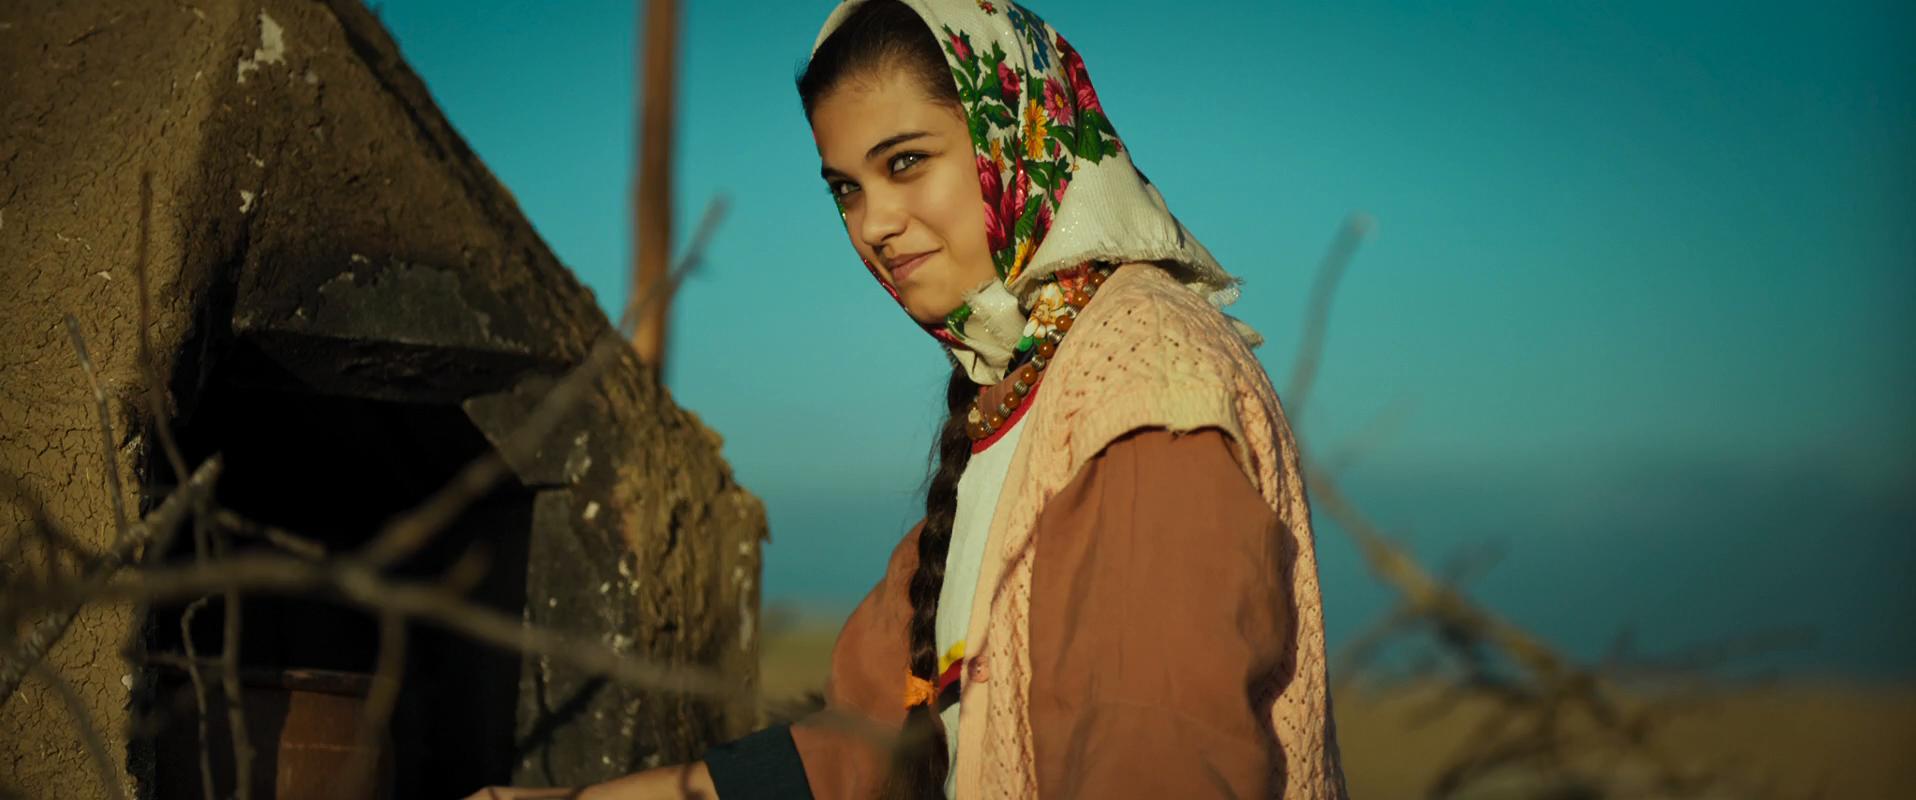 Müslüm 2018 Yerli Film Sansürsüz İndir